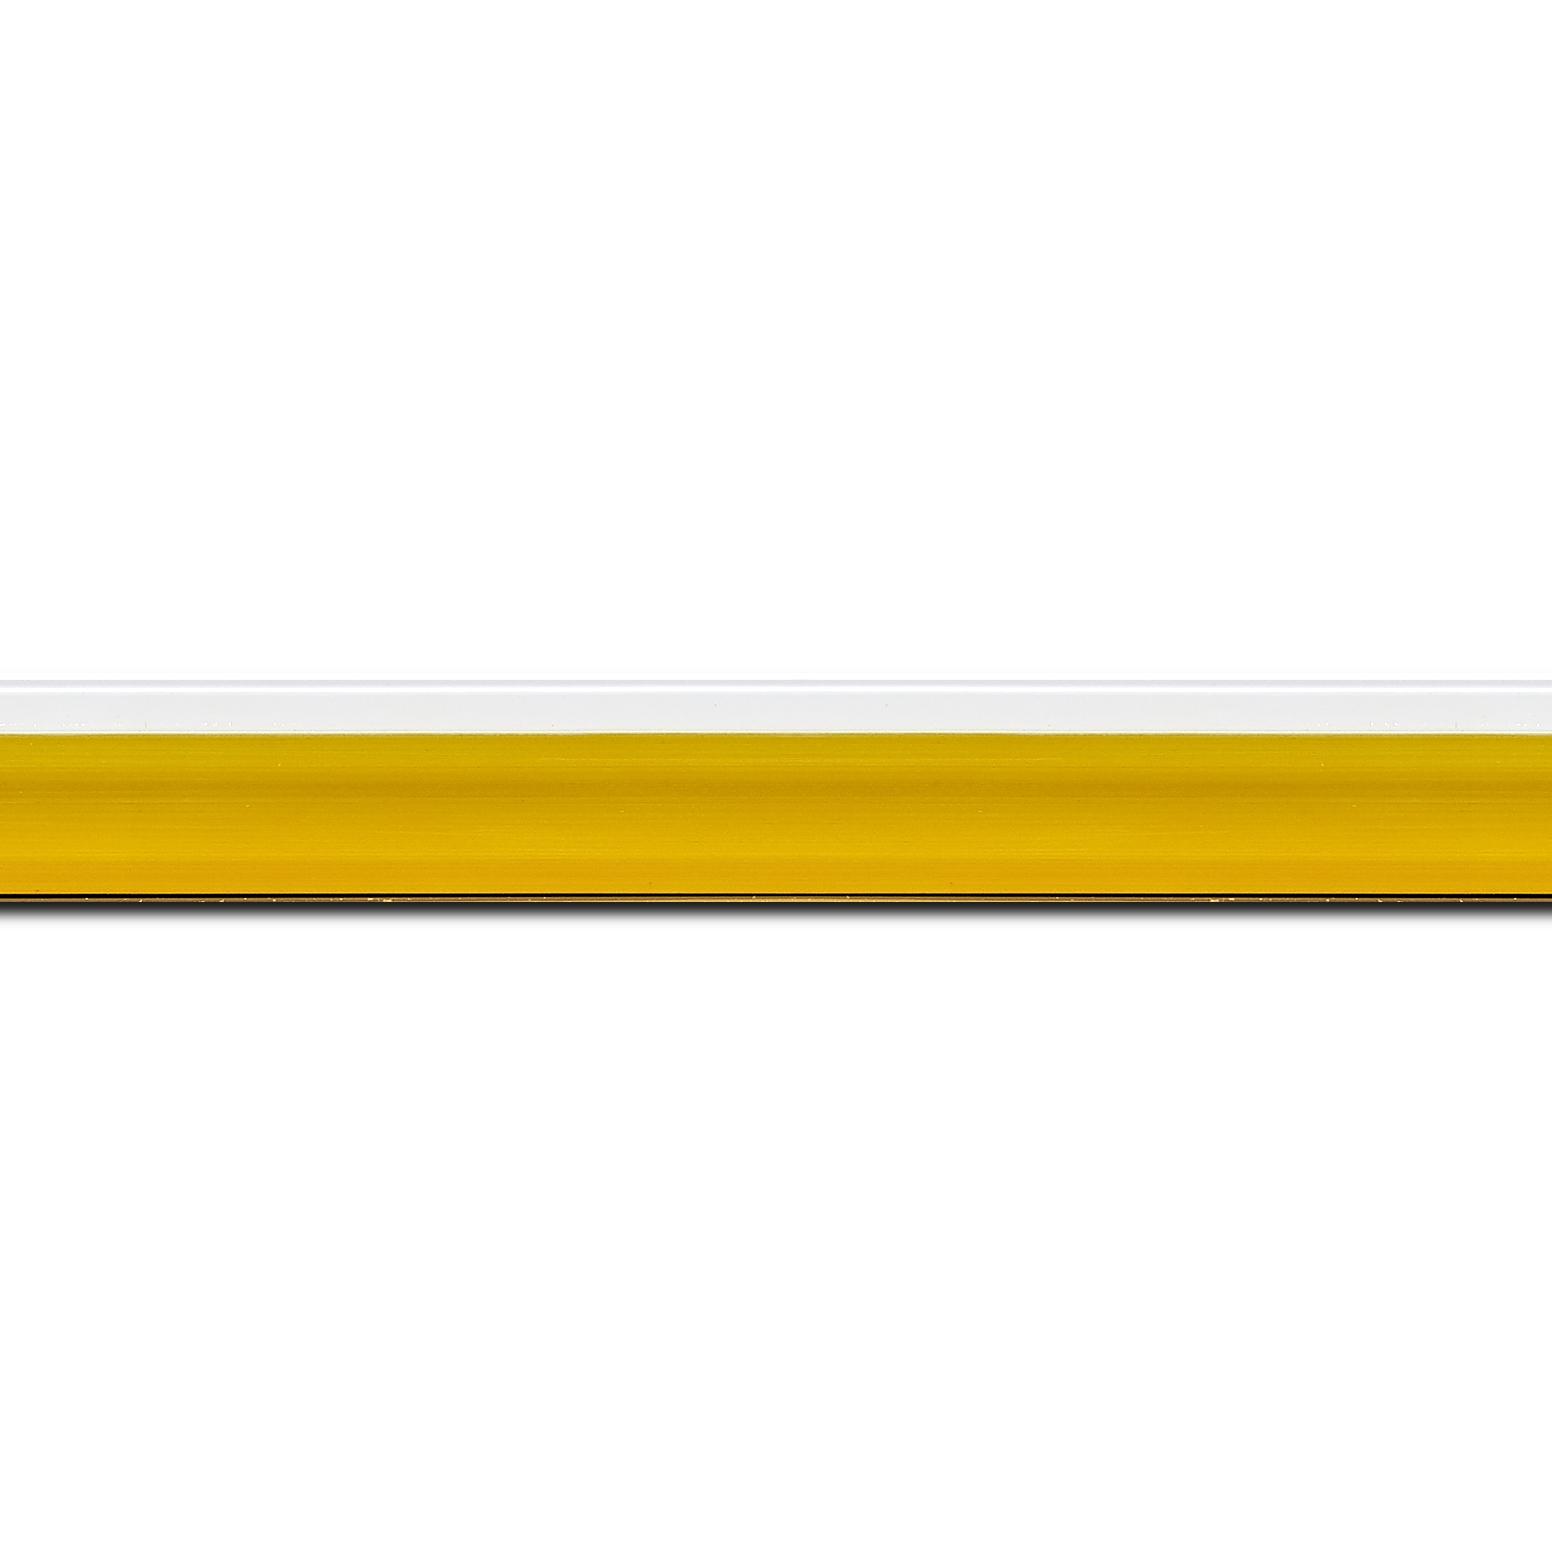 Pack par 12m, bois profil en pente plongeant largeur 2.2cm couleur jaune laqué filet extérieur blanc laqué  (longueur baguette pouvant varier entre 2.40m et 3m selon arrivage des bois)